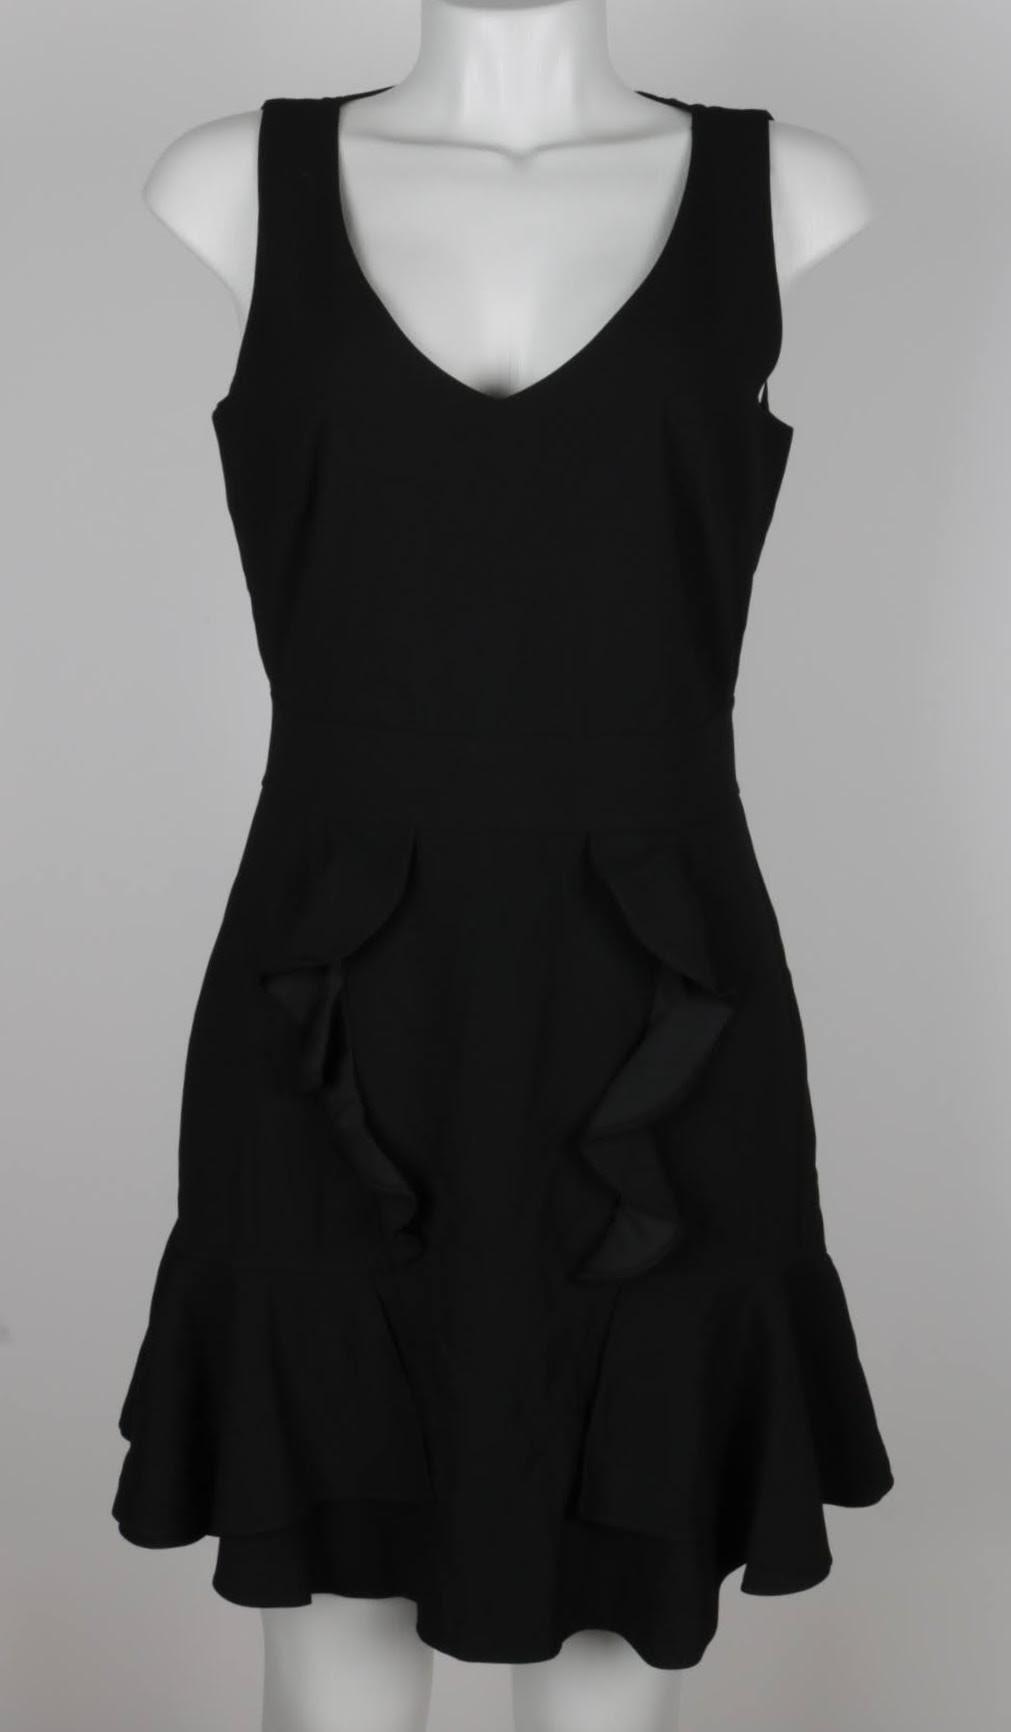 Vestido Curto - Le Lis Blanc - 40